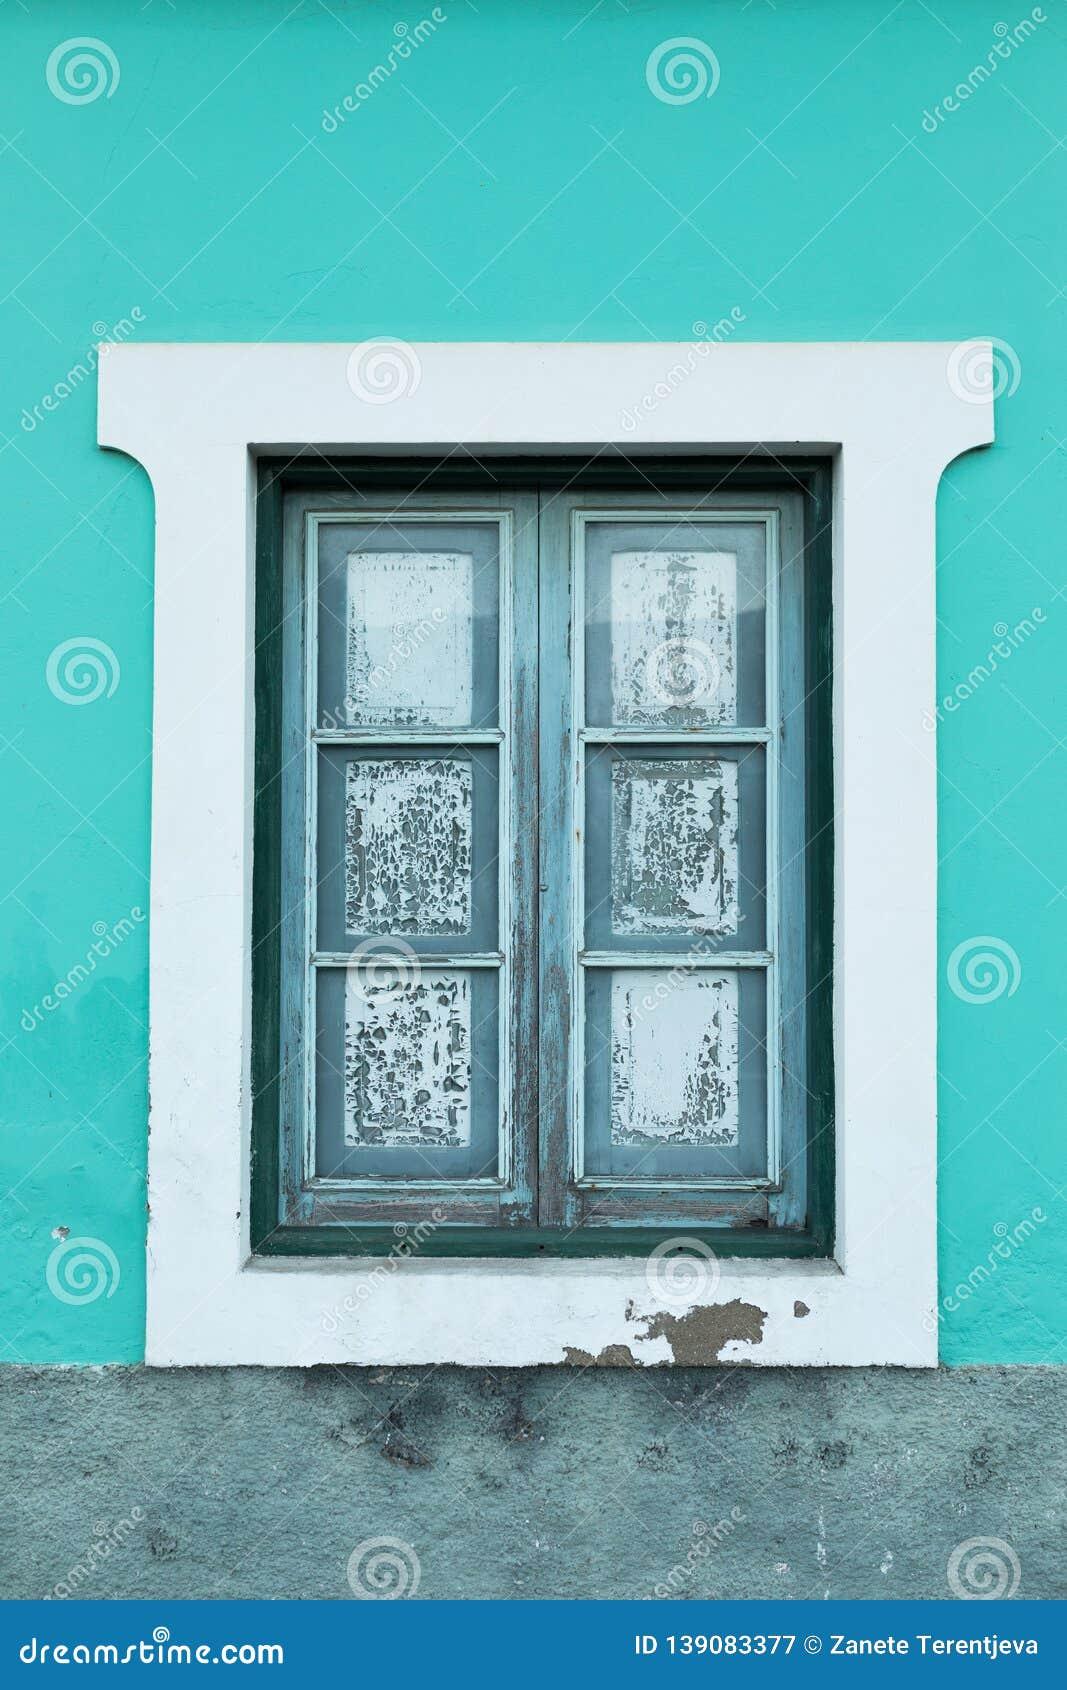 Une fenêtre d une aigue-marine lumineuse, maison de couleur de turquoise avec un vieux cadre en bois et une peinture blanche auto